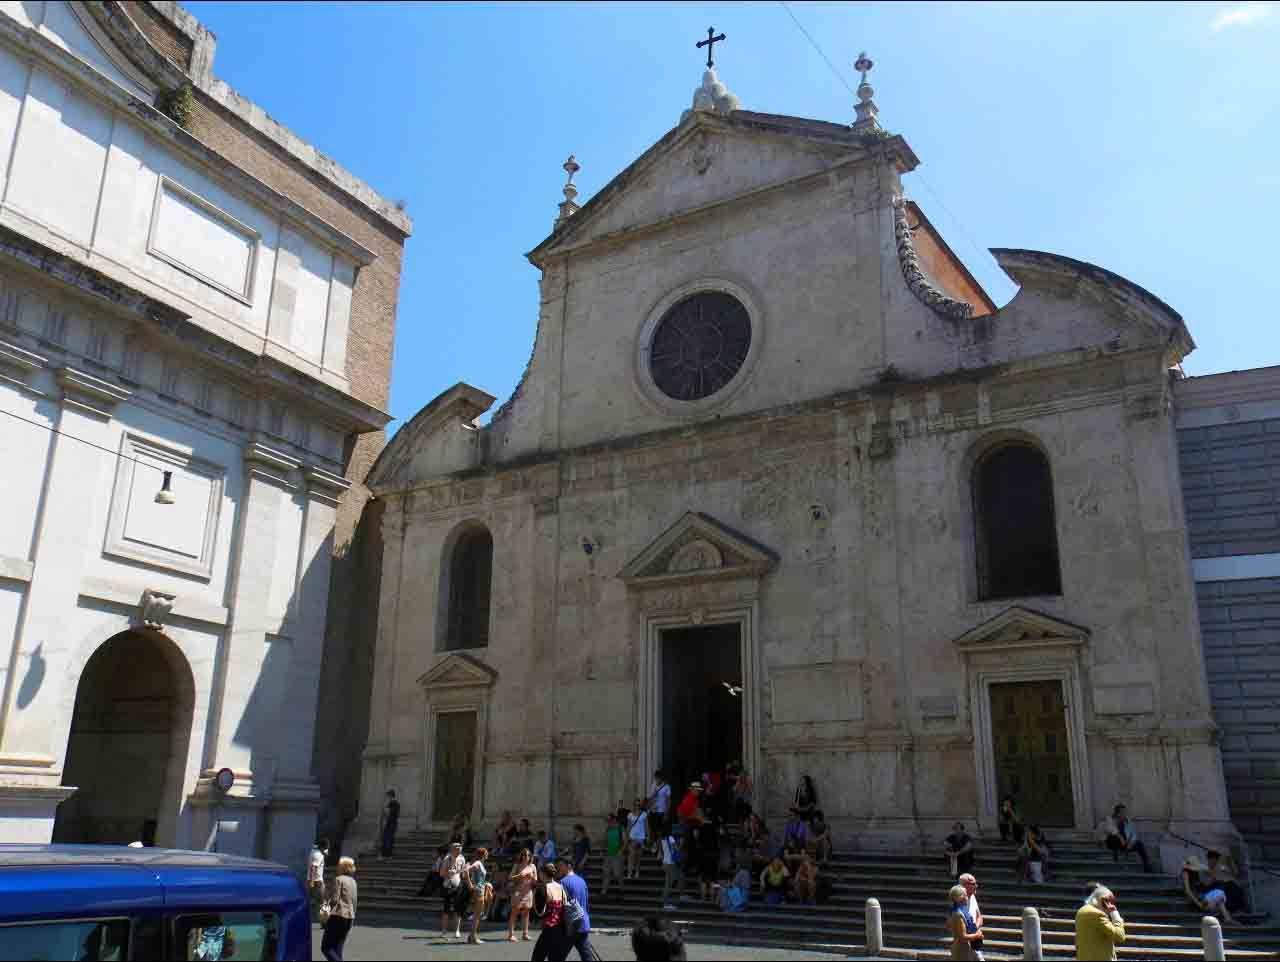 Basílica de Santa María del Pópolo